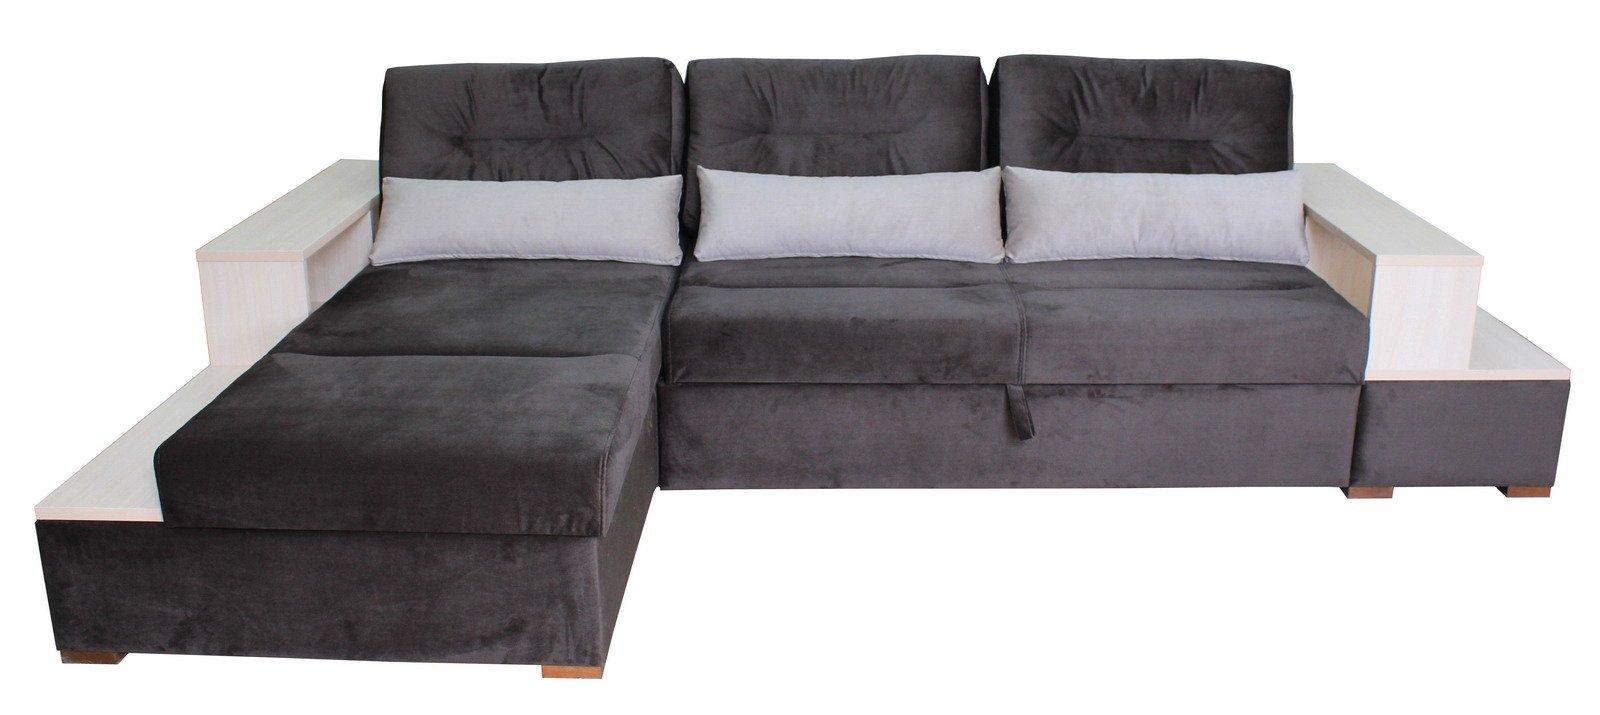 Брюссель диван угловой с доставкой